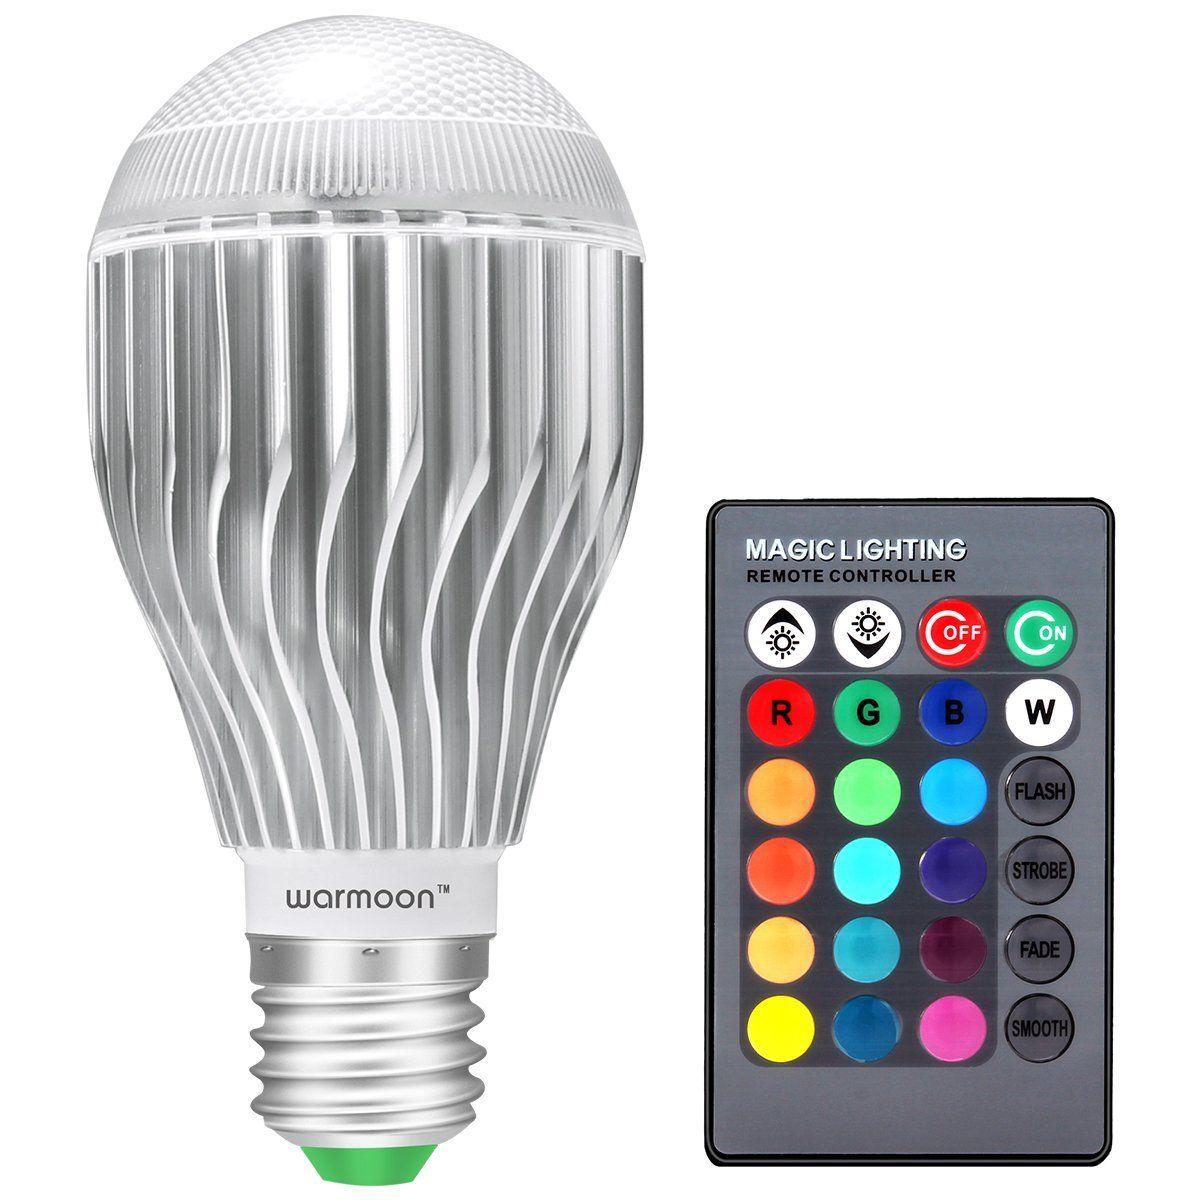 Cool LED lighting for Oakley Display Shelves/Cases - 71MhBU8hySL._SL1200_.jpg